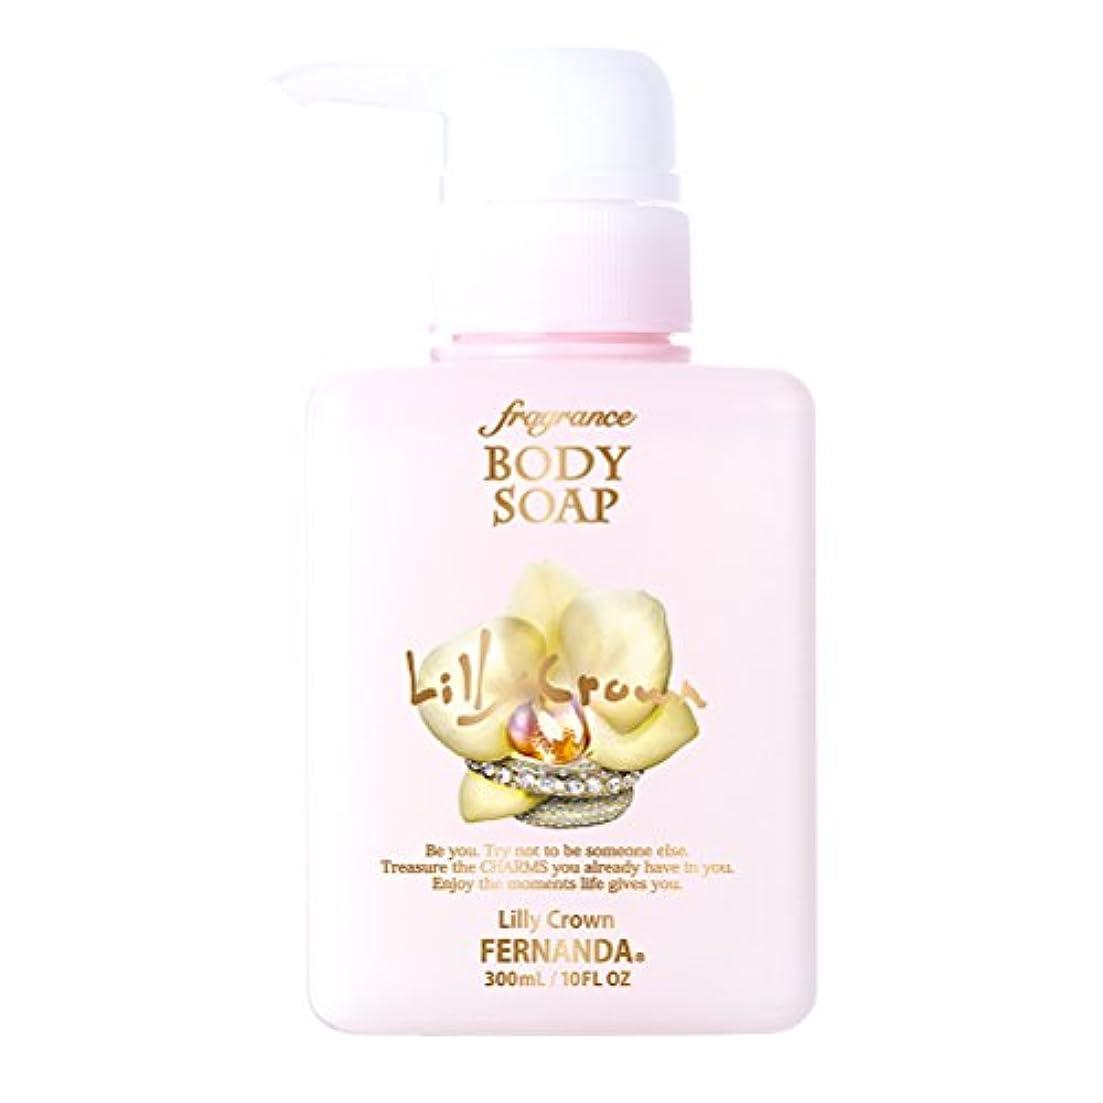 自伝ライド居心地の良いFERNANDA(フェルナンダ) Fragrance Body Soap Lilly Crown (ボディソープ リリークラウン)